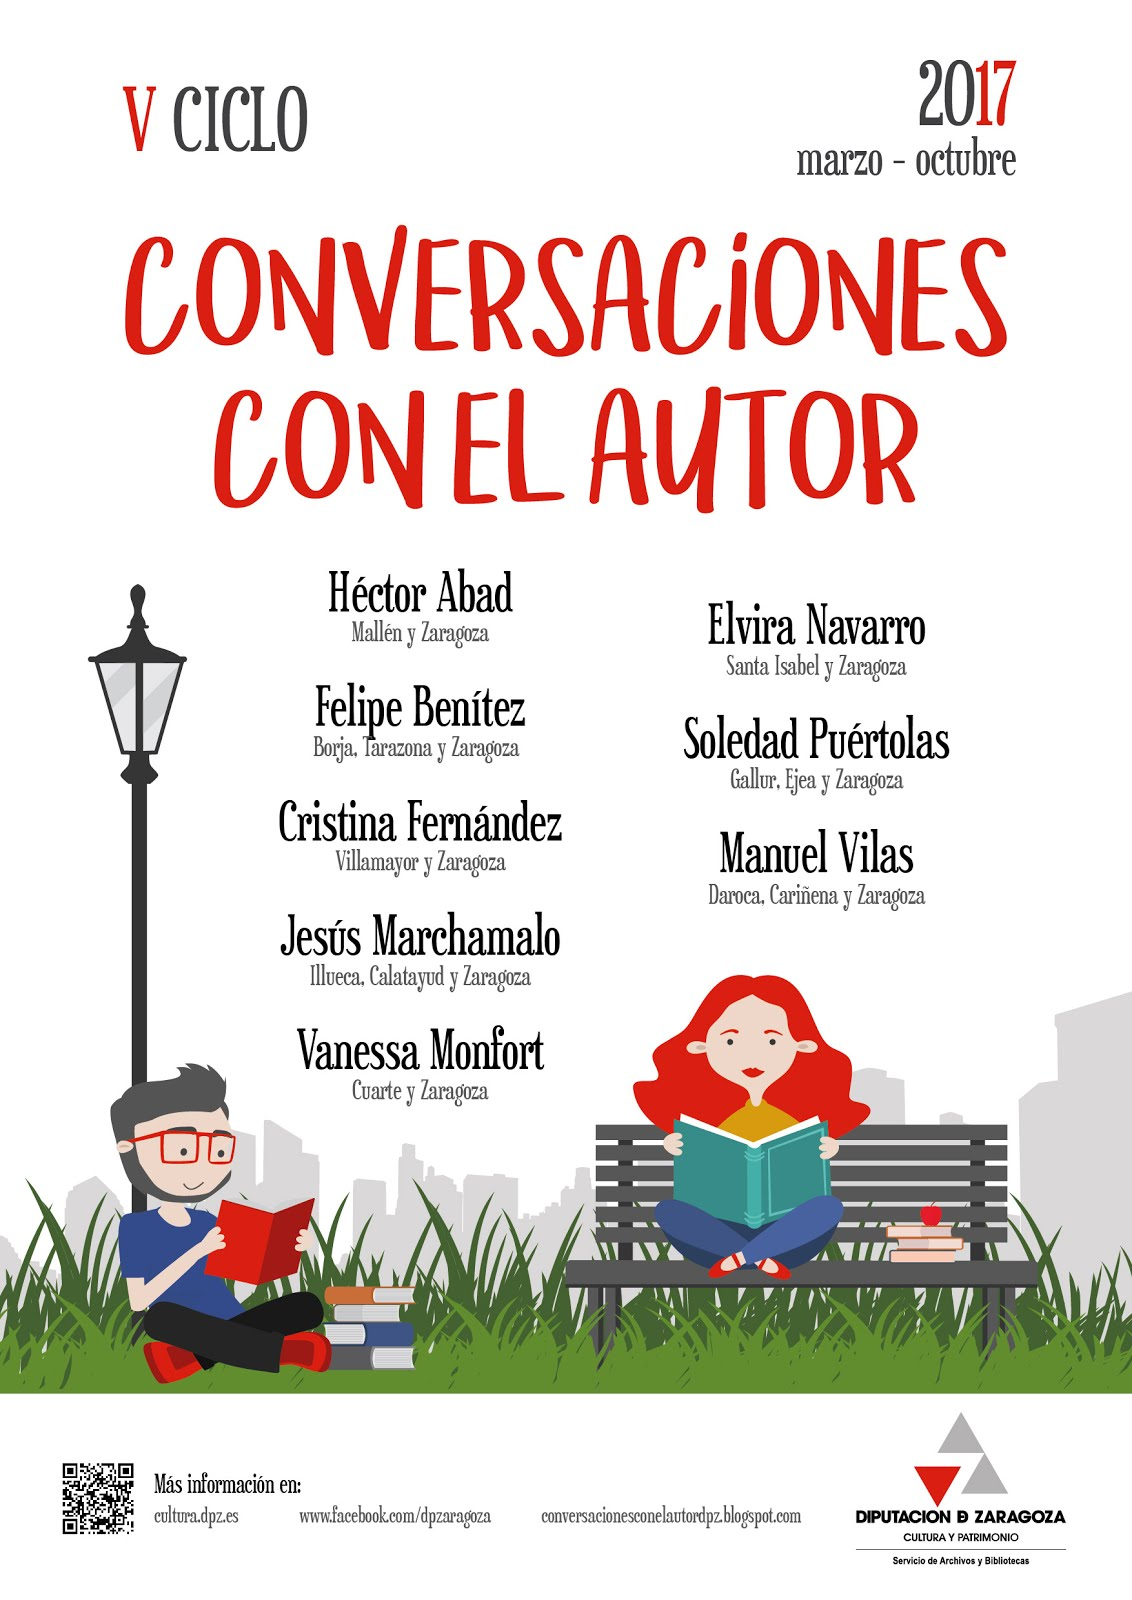 V Ciclo Conversaciones con el autor DPZ